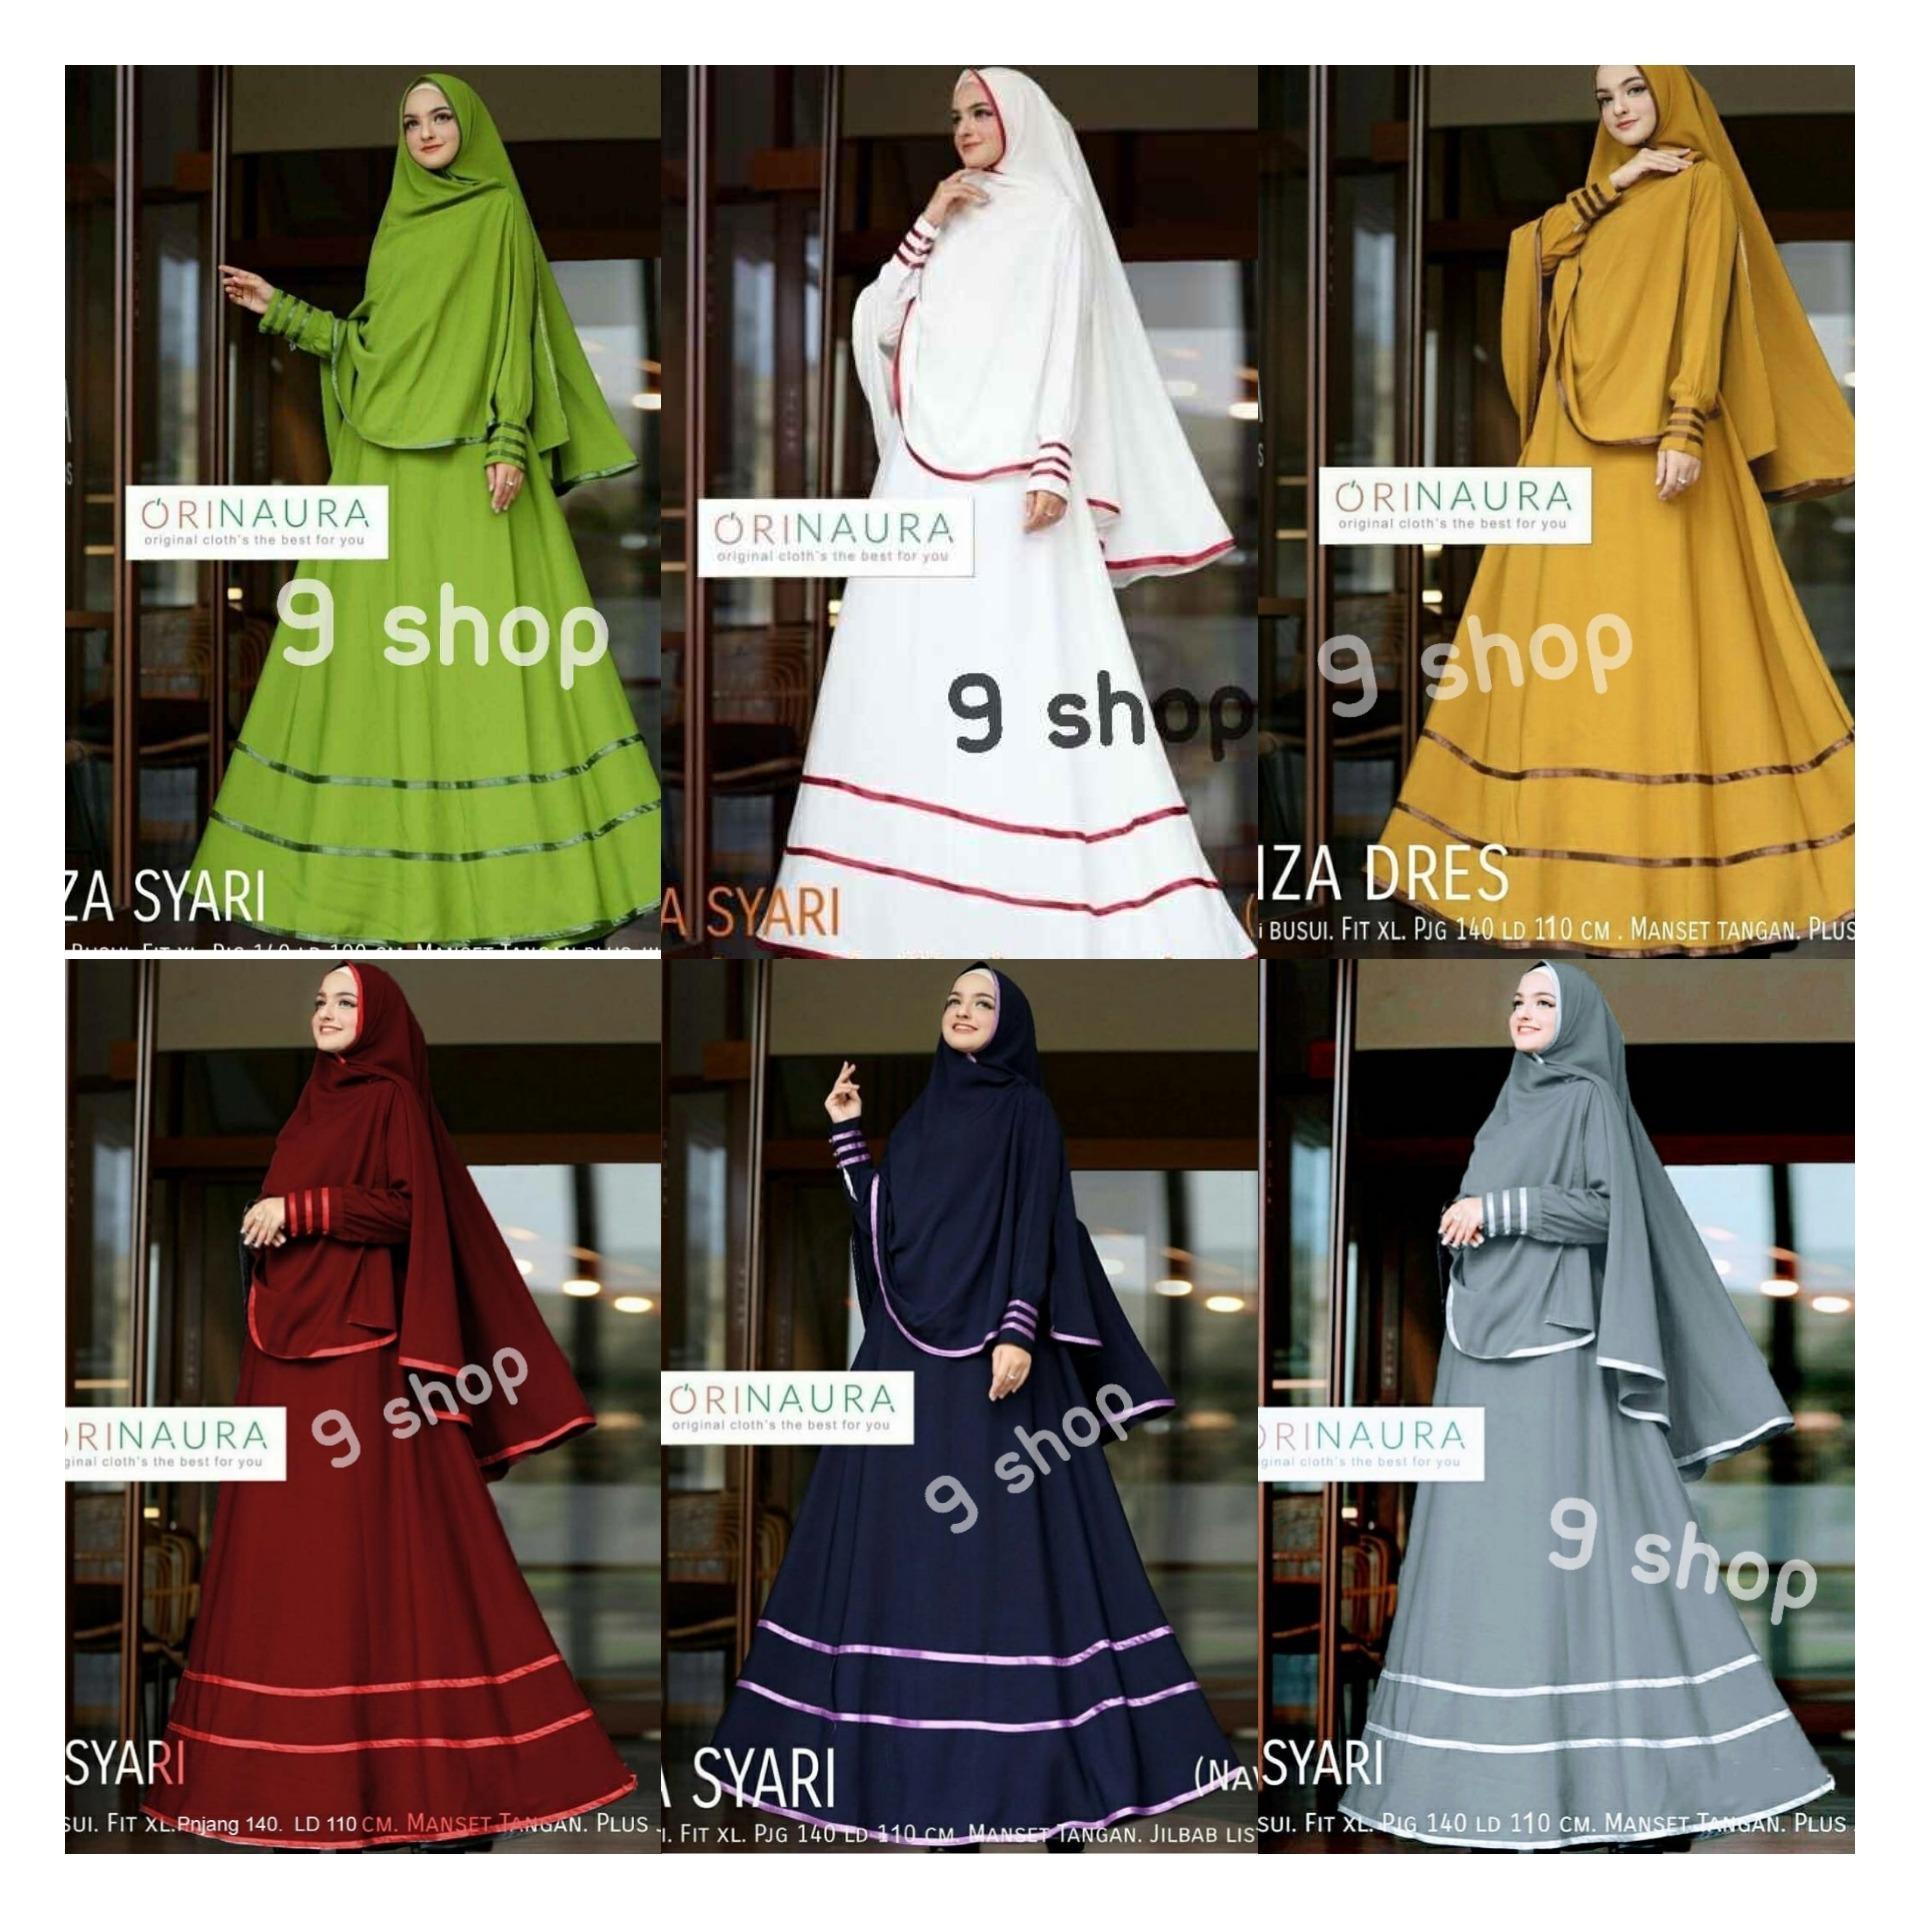 9 Shop Baju Gamis Syari Dress Maxi Muslim Wanita ONZA + Jilbab / Baju Muslim Wanita / Gamis Muslim / Dress Muslimah / Syari'i Muslimah / Gamis Dress / Gamis Emboss / Gamis Murah / Gaun Muslim / Gamis Remaja / Gamis Terbaru